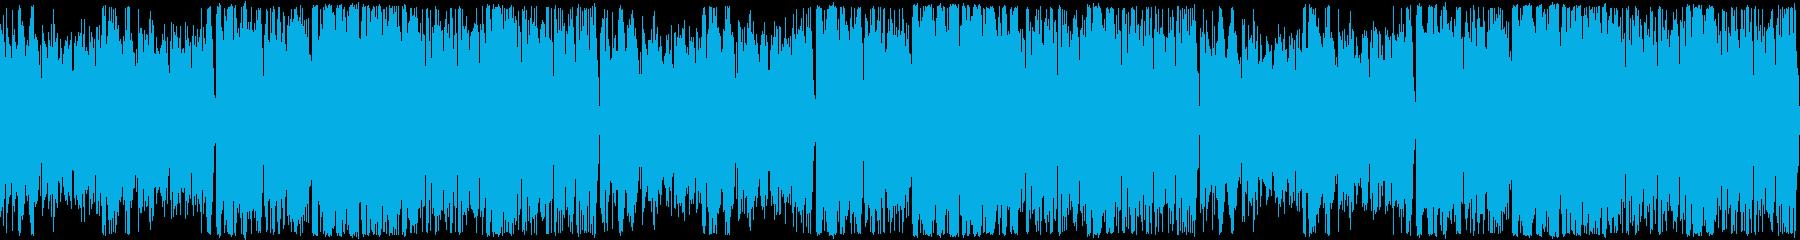 ヨーロッパ風のストリングス日常シーンに!の再生済みの波形